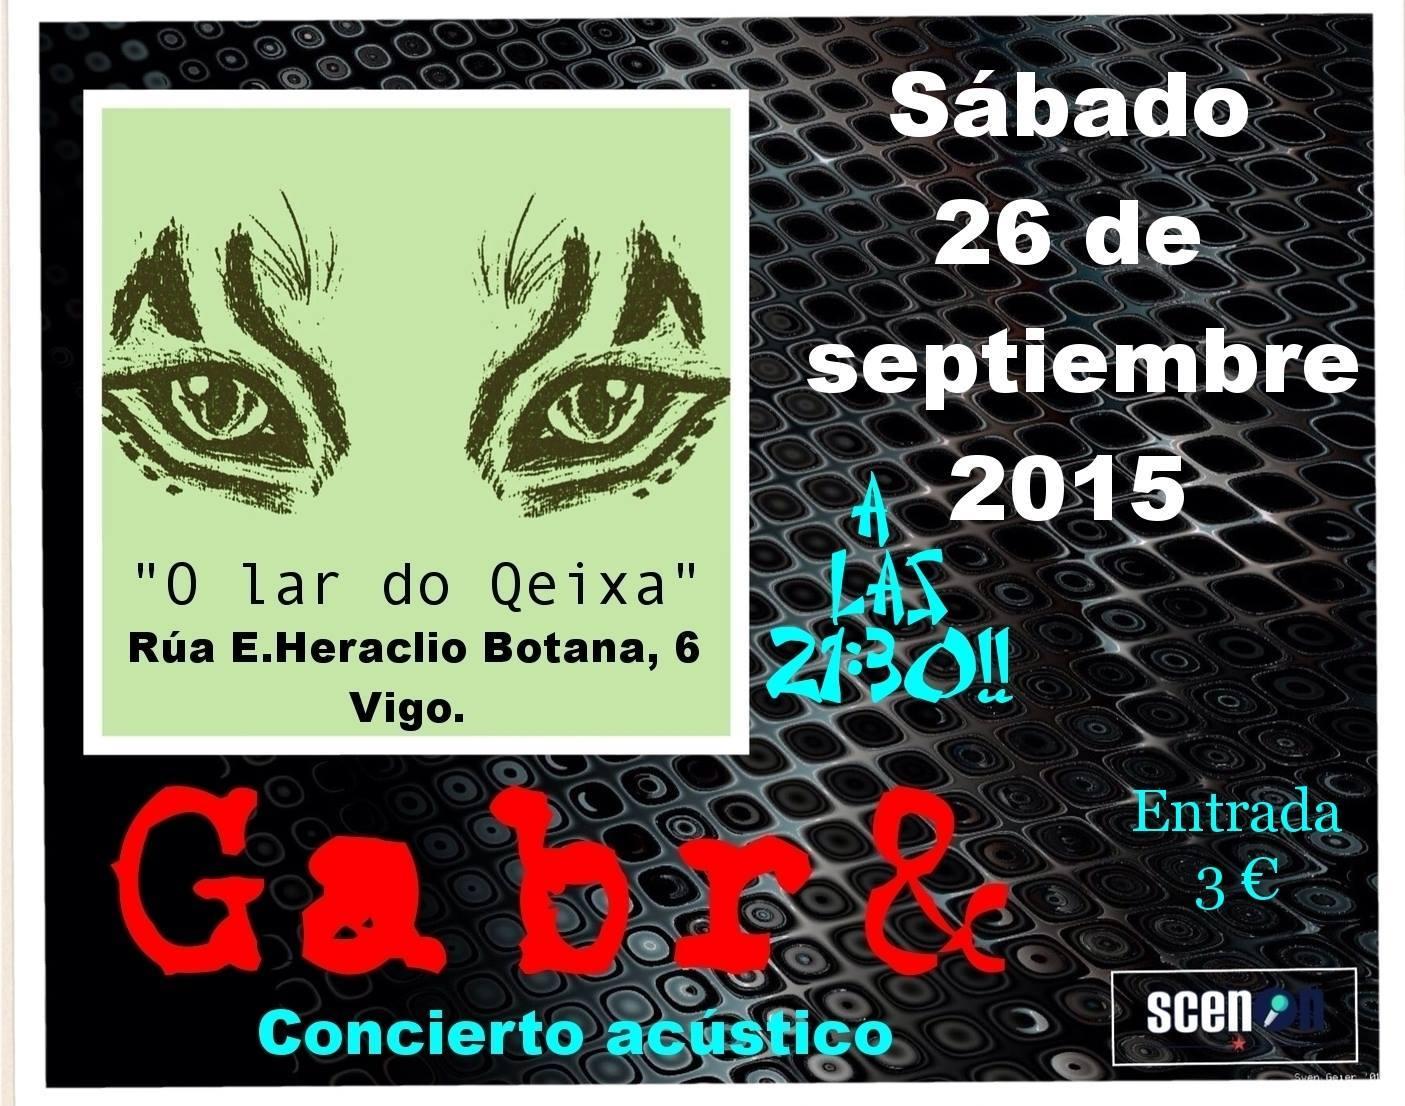 Concierto de Gabr& en O Lar do Queixa